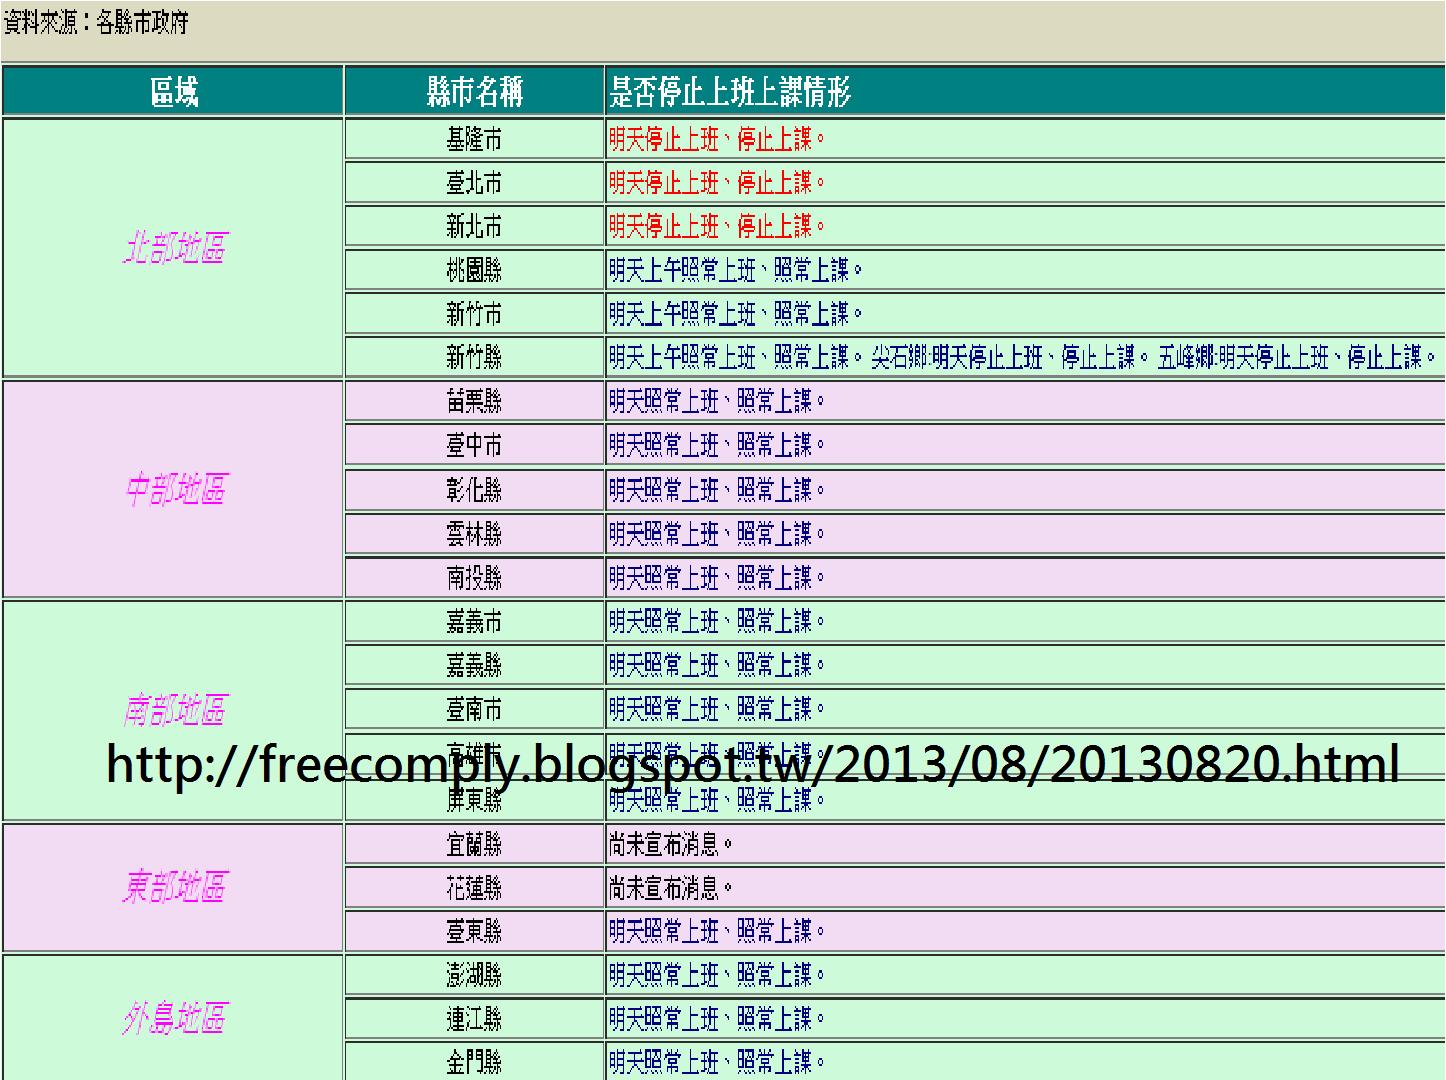 免費軟體資訊: 2013.08.21 輕度颱風 潭美 停班停課資訊整理